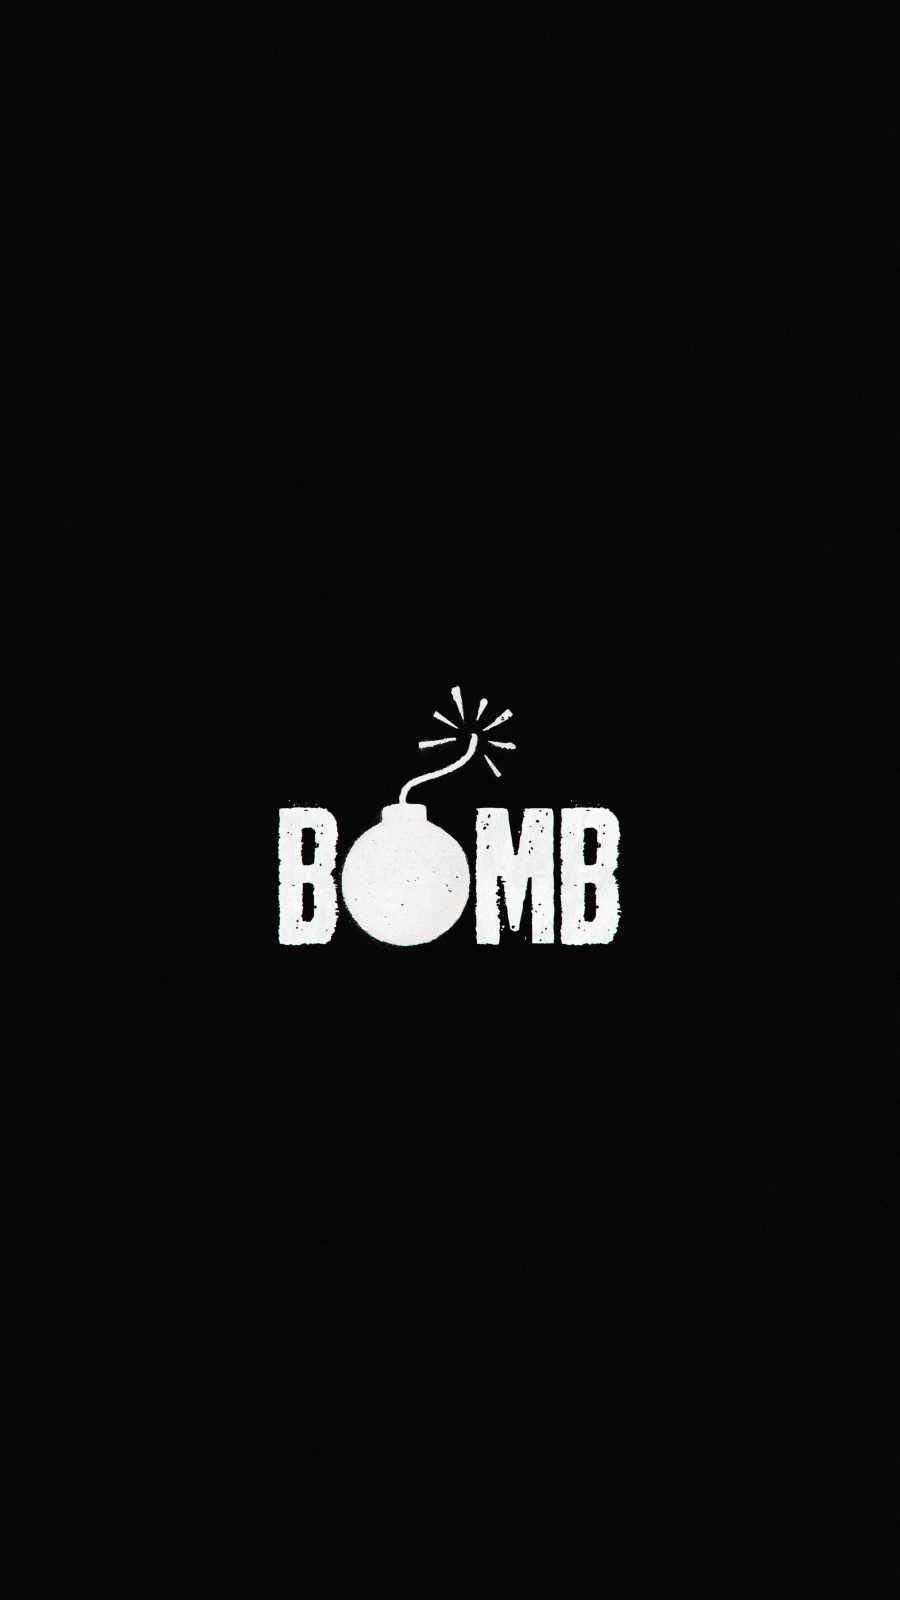 BOMB iPhone Wallpaper